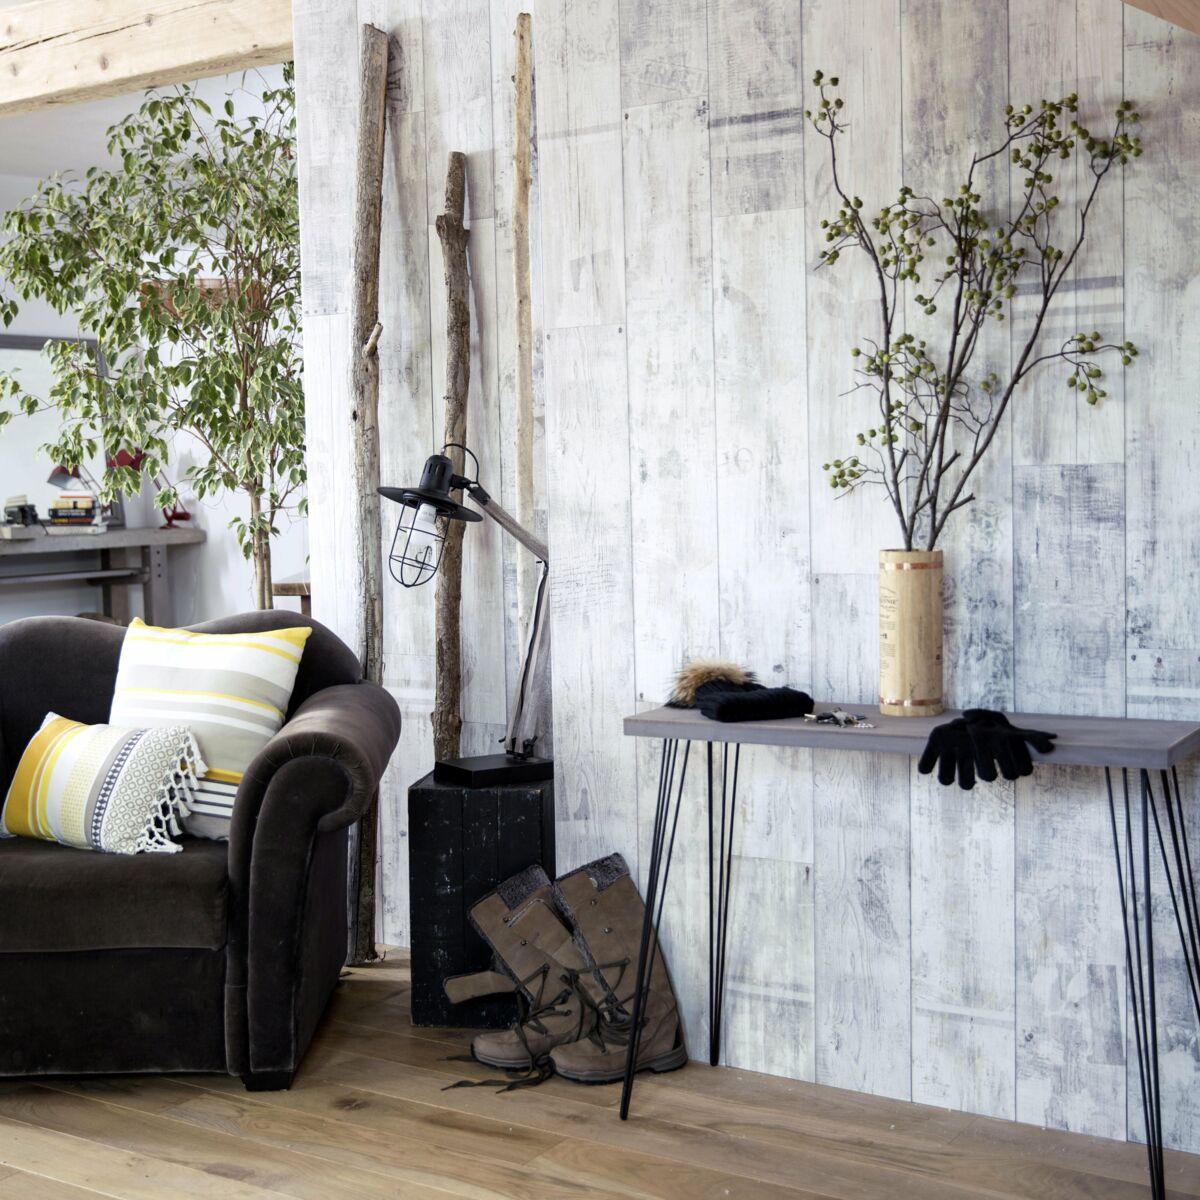 Idee Habillage Mur Interieur rénovation de maison : comment masquer les aspérités d'un